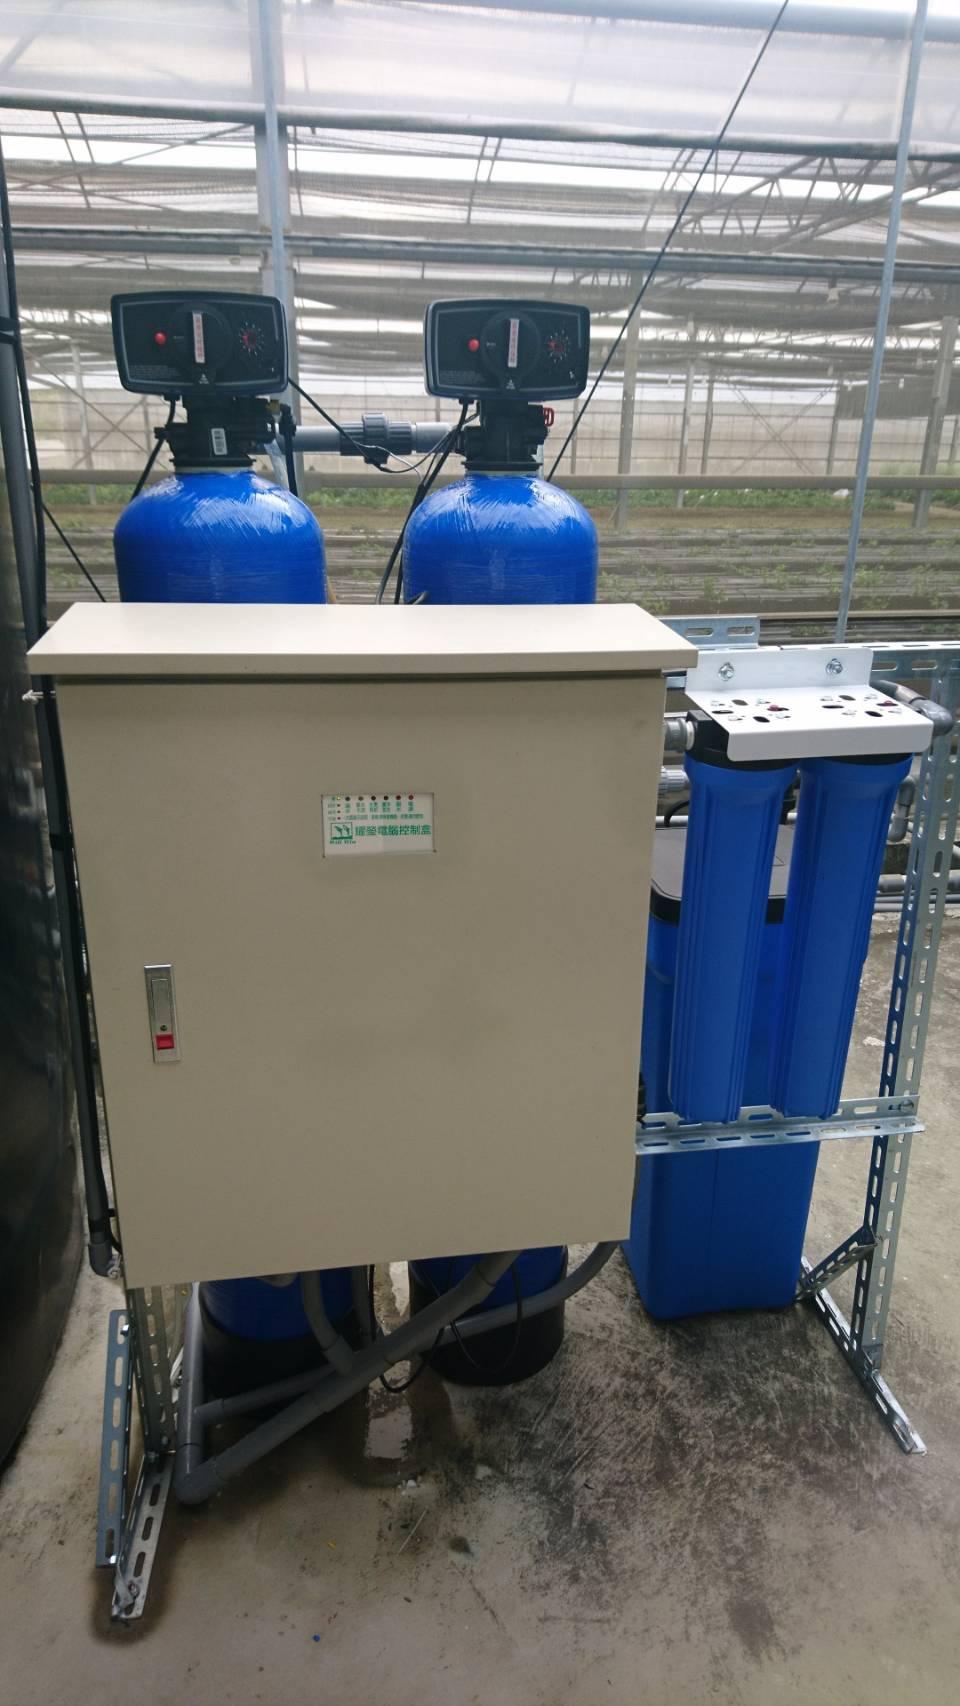 800加侖逆滲透機含前置過瀘-前面-大村改良場